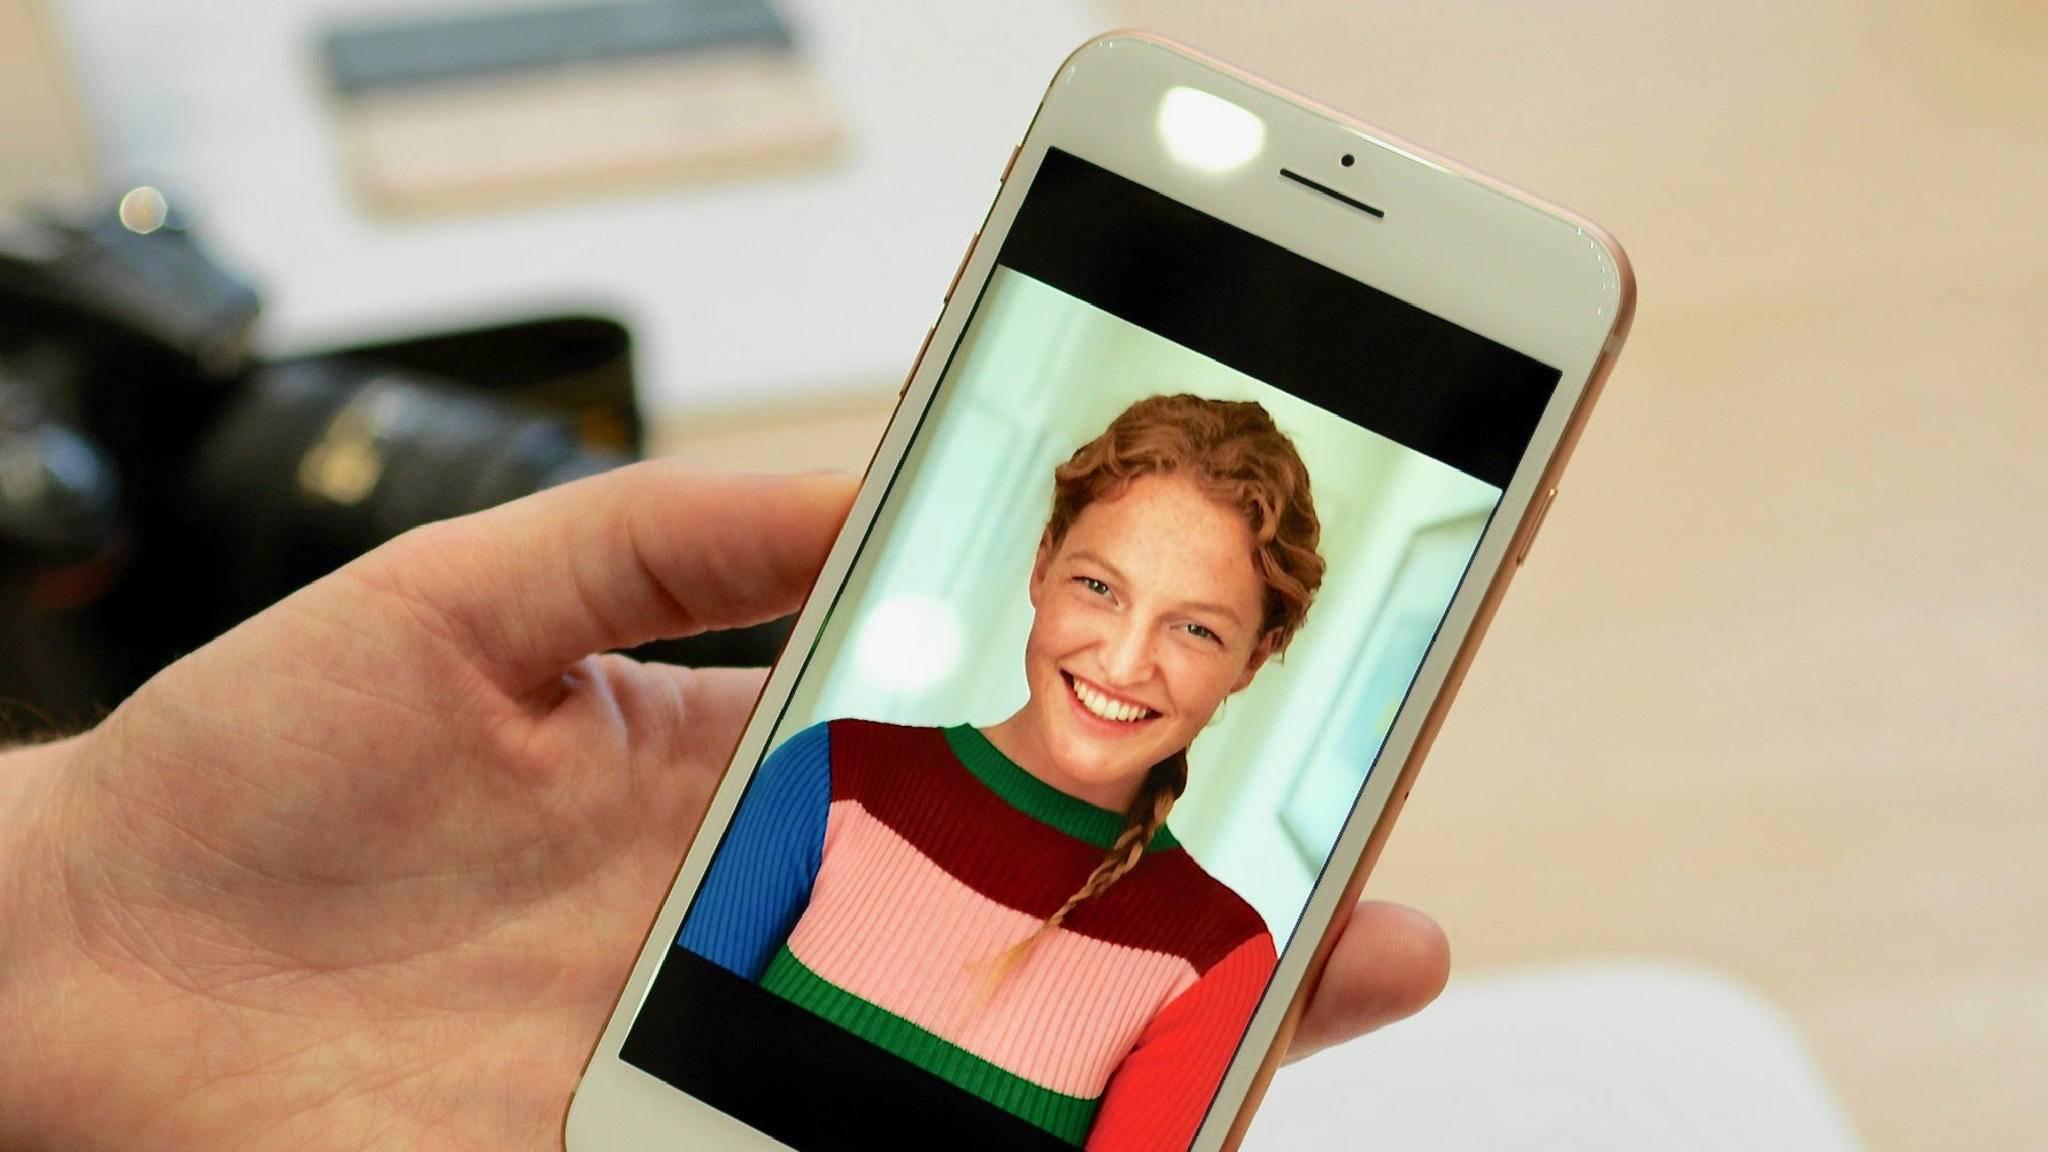 Gleiche Displayauflösung- und größe wie beim iPhone 7, dafür aber mit True-Tone-Technik für einen automatischen Weißabgleich.